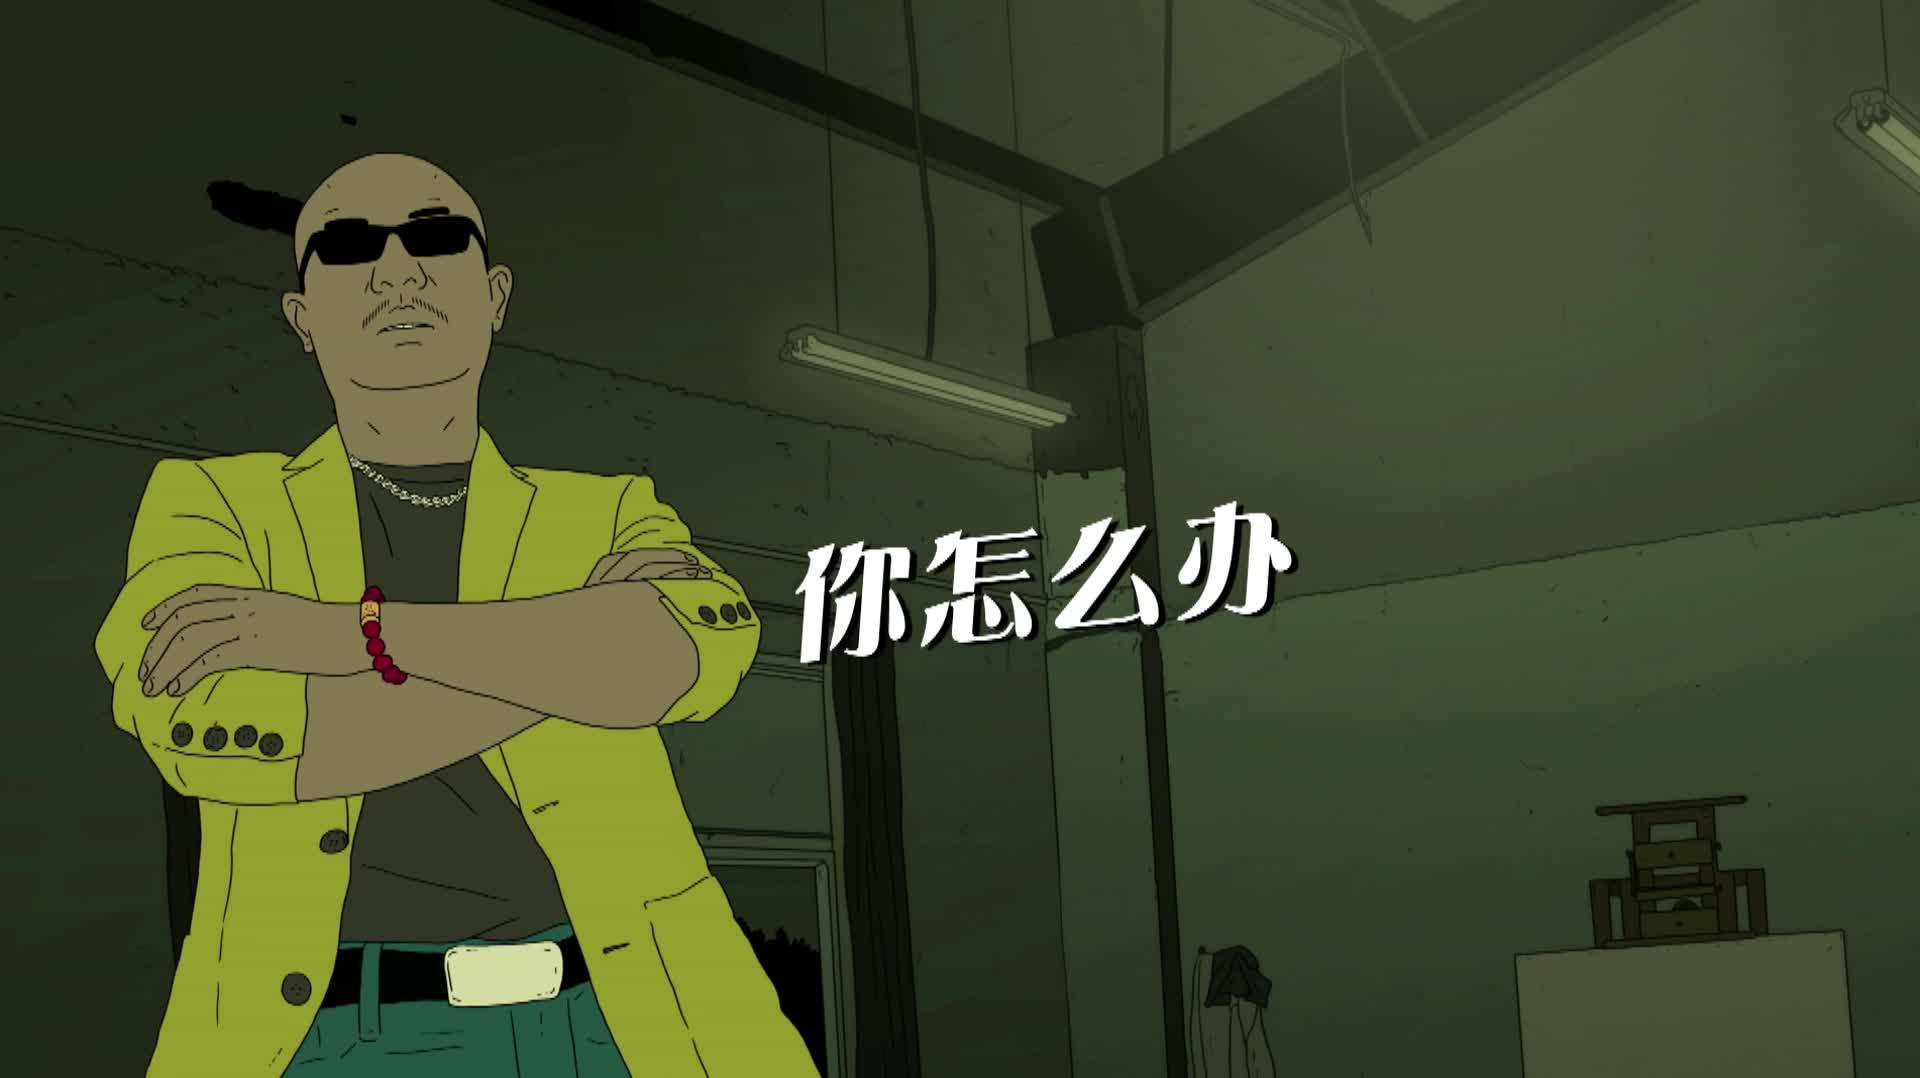 """【大世界】""""成人笑话""""1月12号上映 成人""""段子""""幽默带感"""